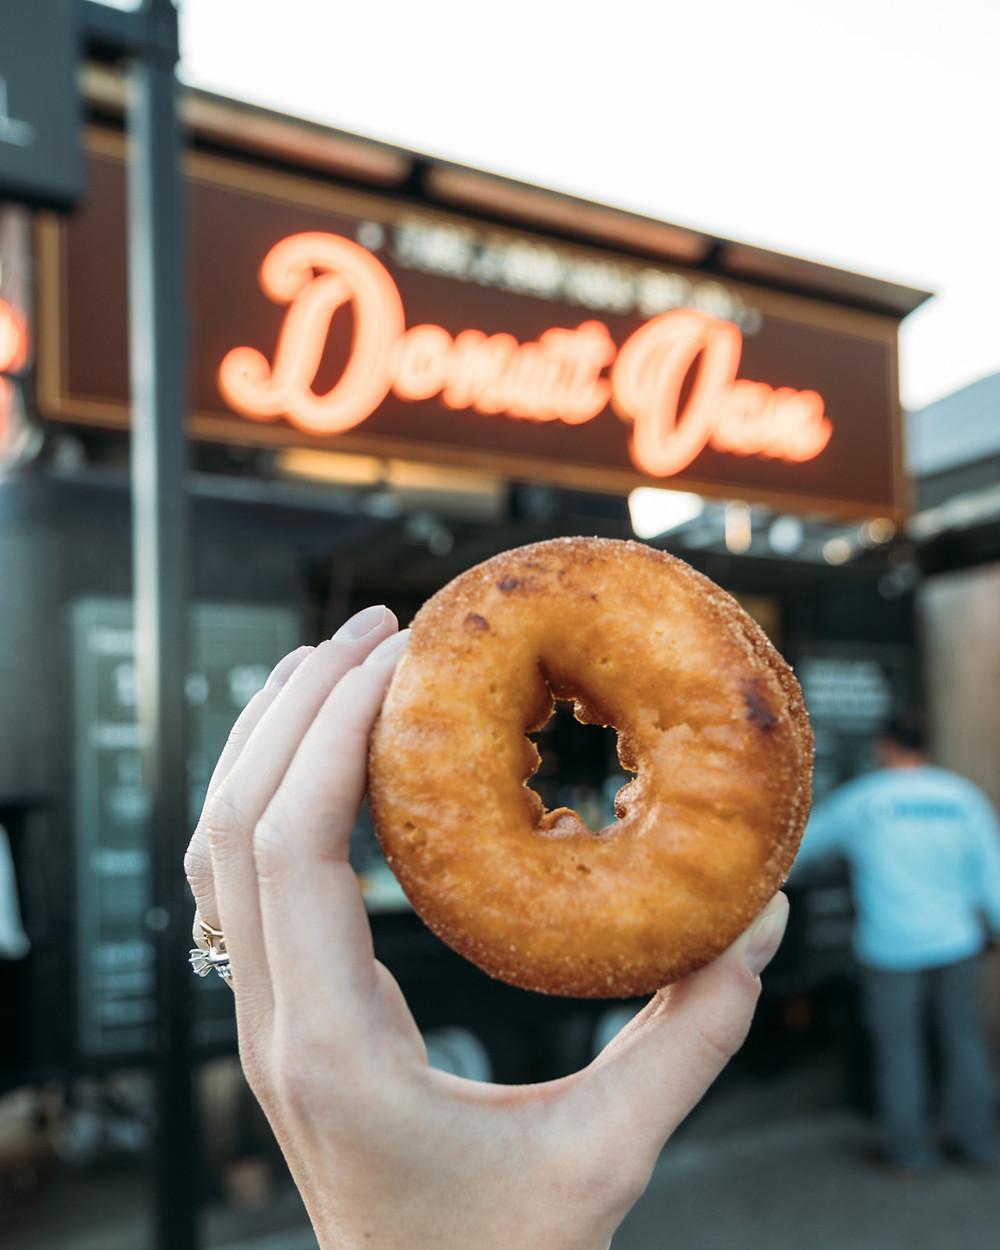 Berry Donut stop Australia